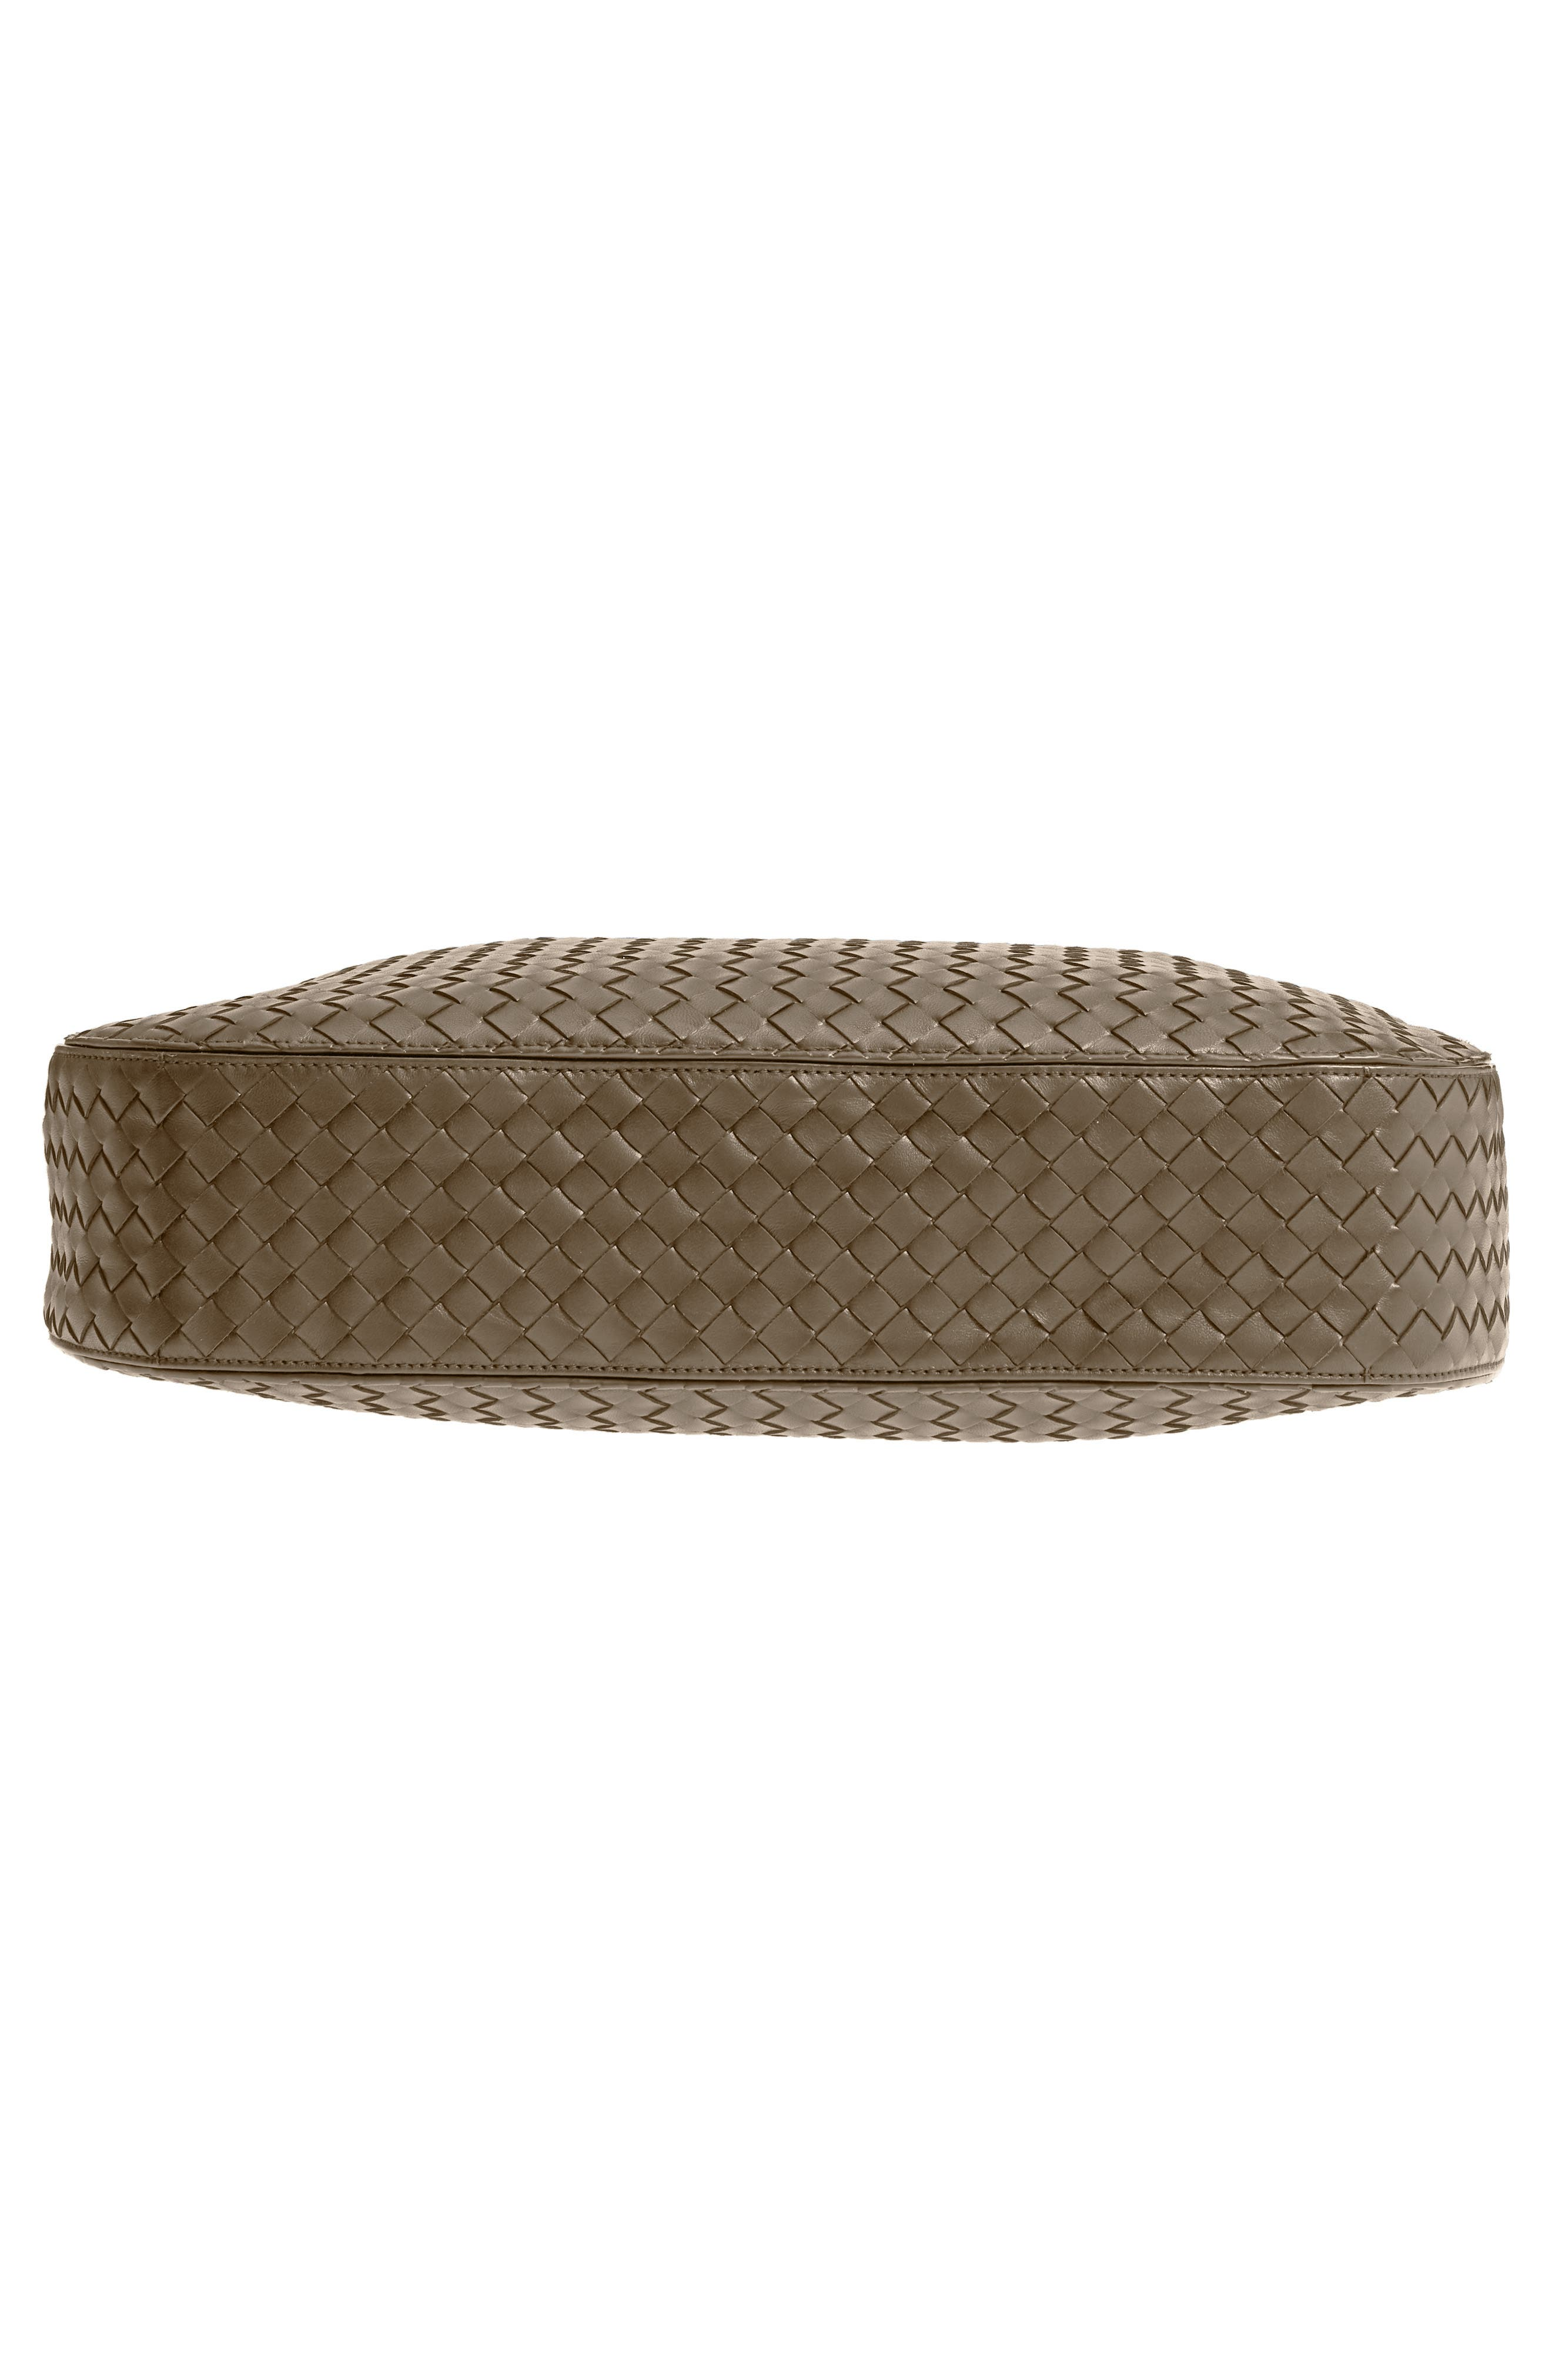 BOTTEGA VENETA,                             Large Loop Woven Leather Hobo,                             Alternate thumbnail 6, color,                             LIMESTONE